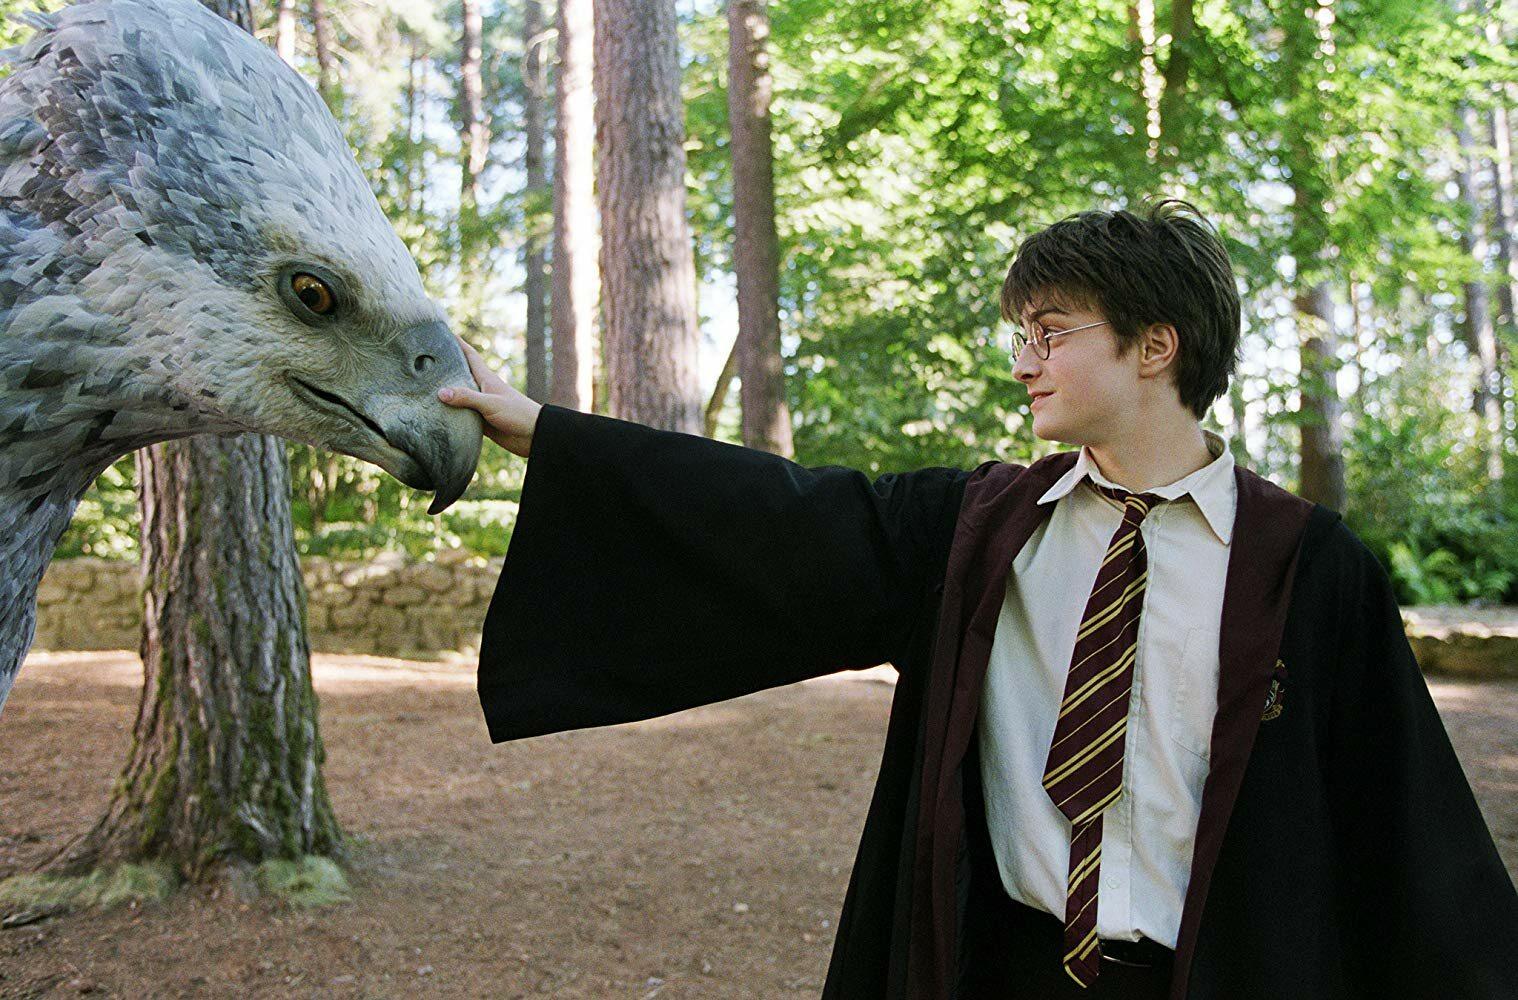 Zacznijmy od czegoś prostego. Do którego domu w Hogwarcie należał Harry Potter?